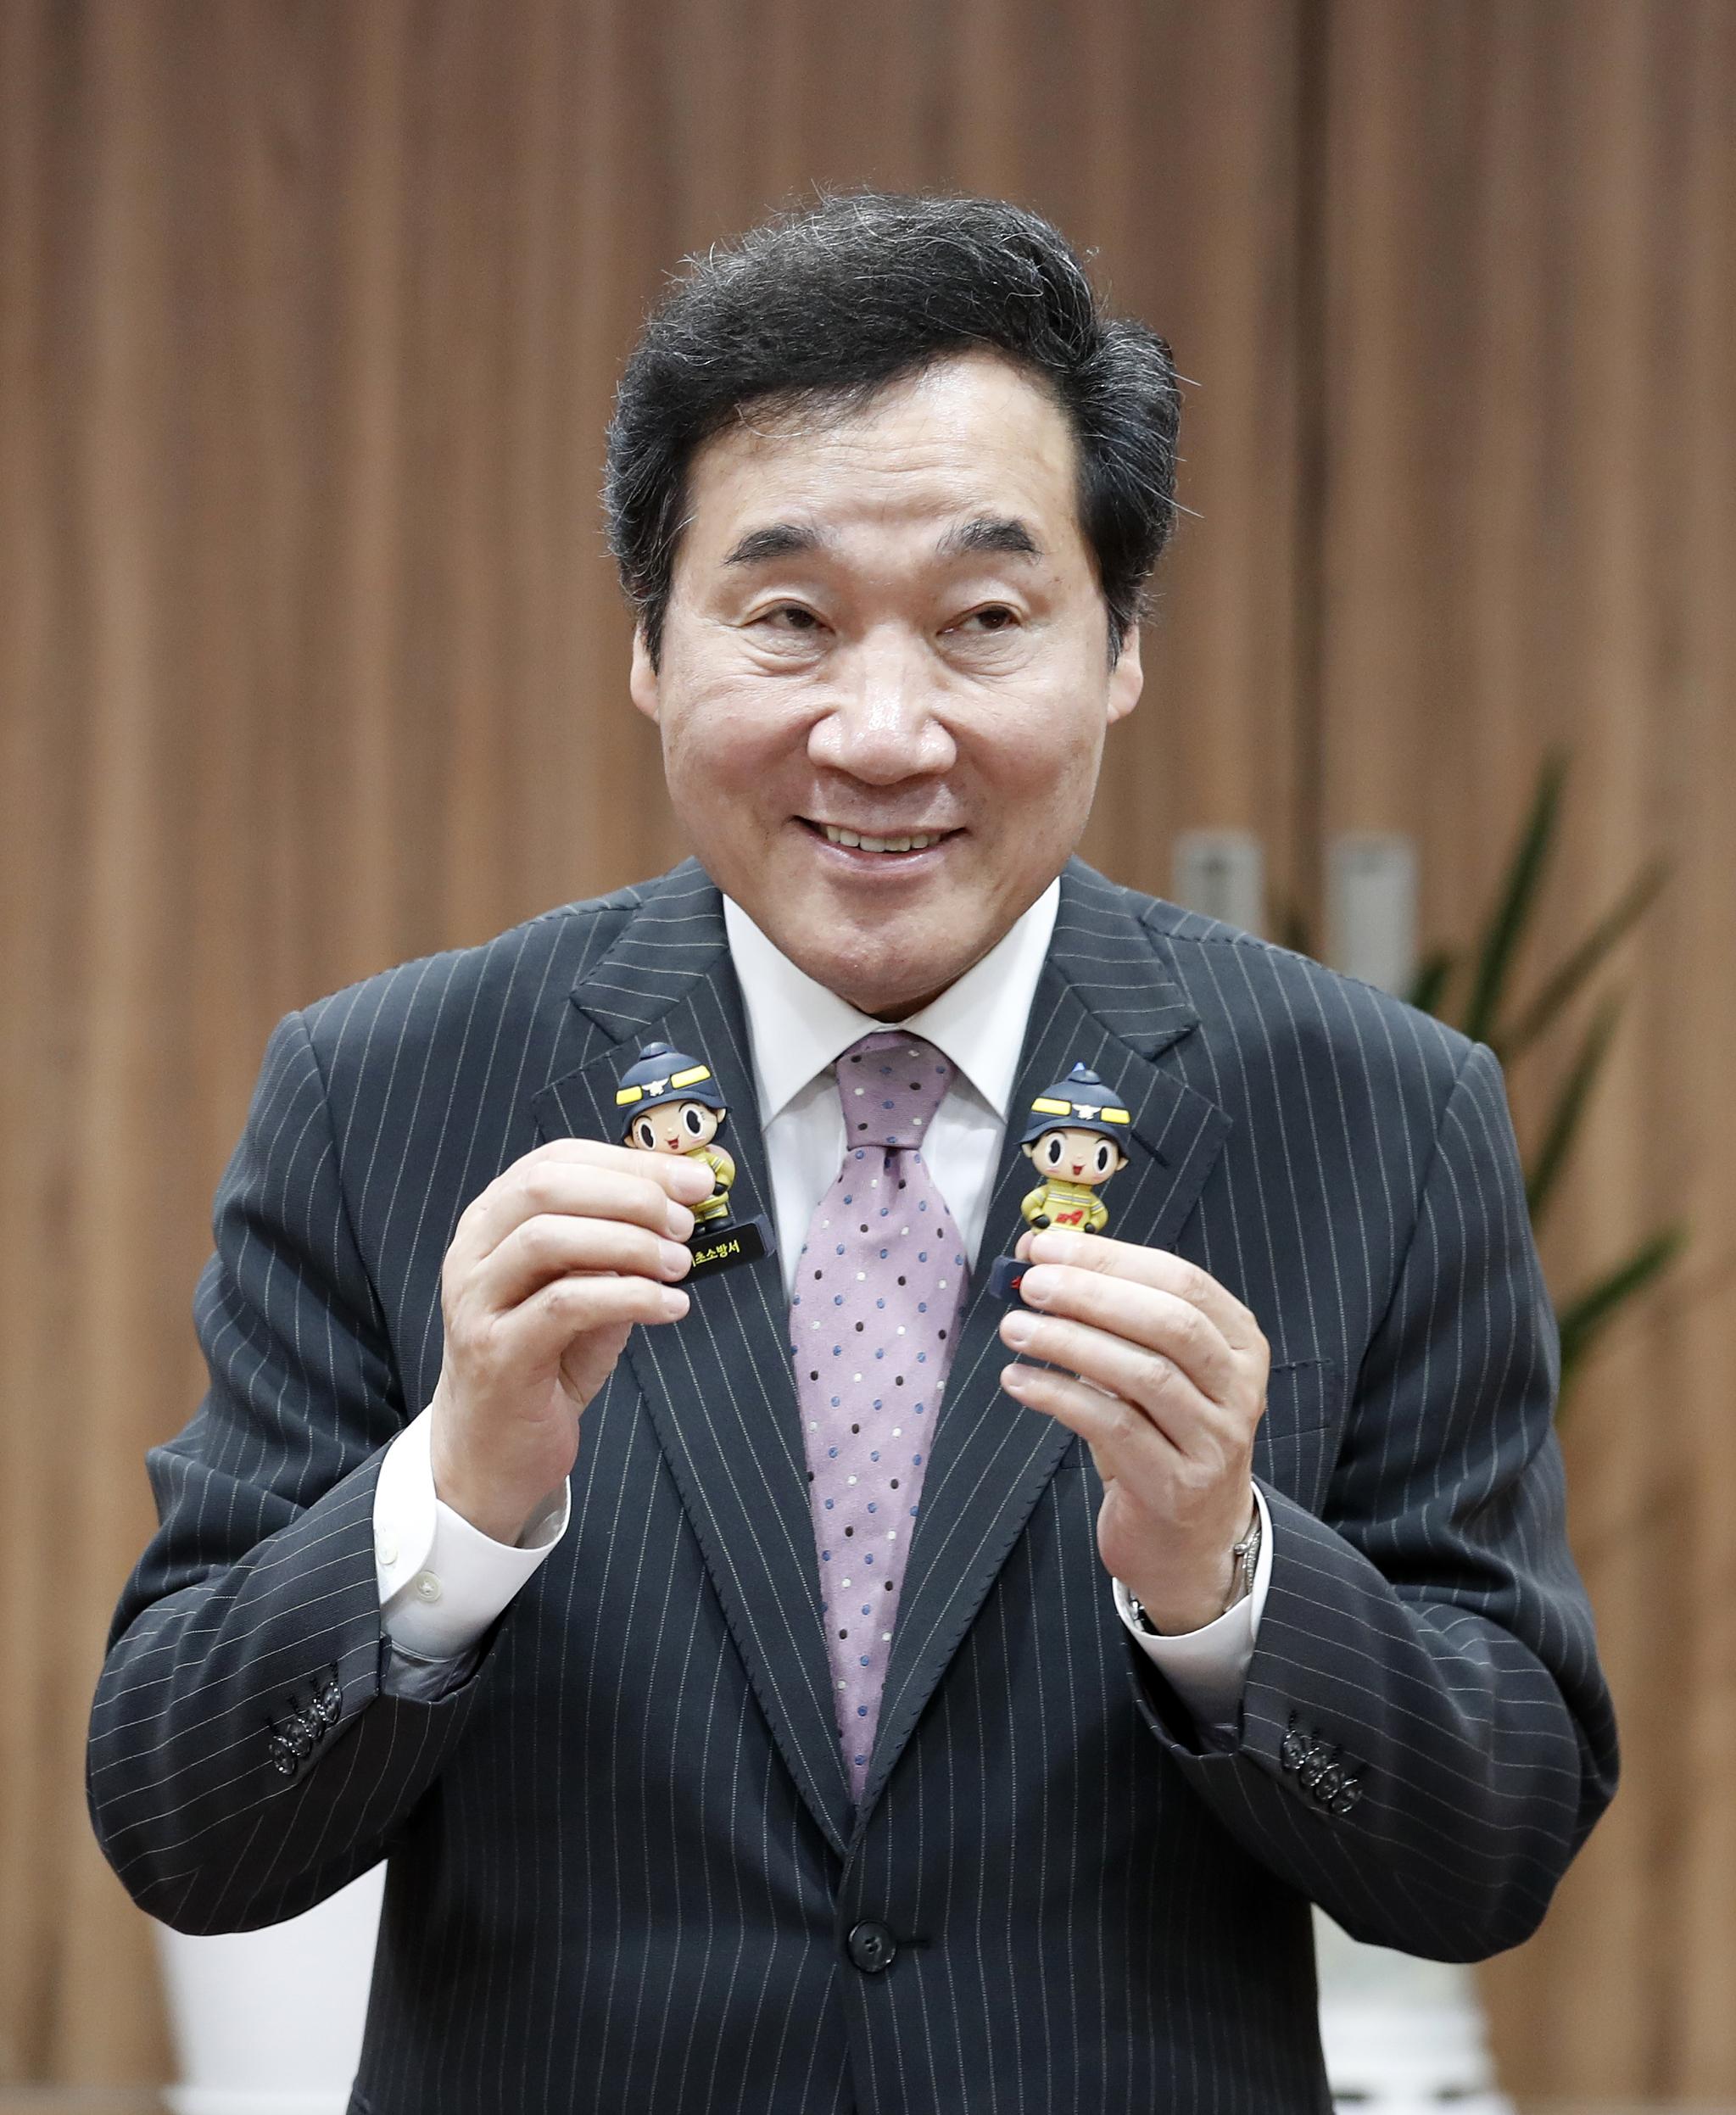 이낙연 국무총리가 20일 오후 서울 서초구 서초소방서를 방문해 소방관 기념품을 들고 있다. [뉴스1]